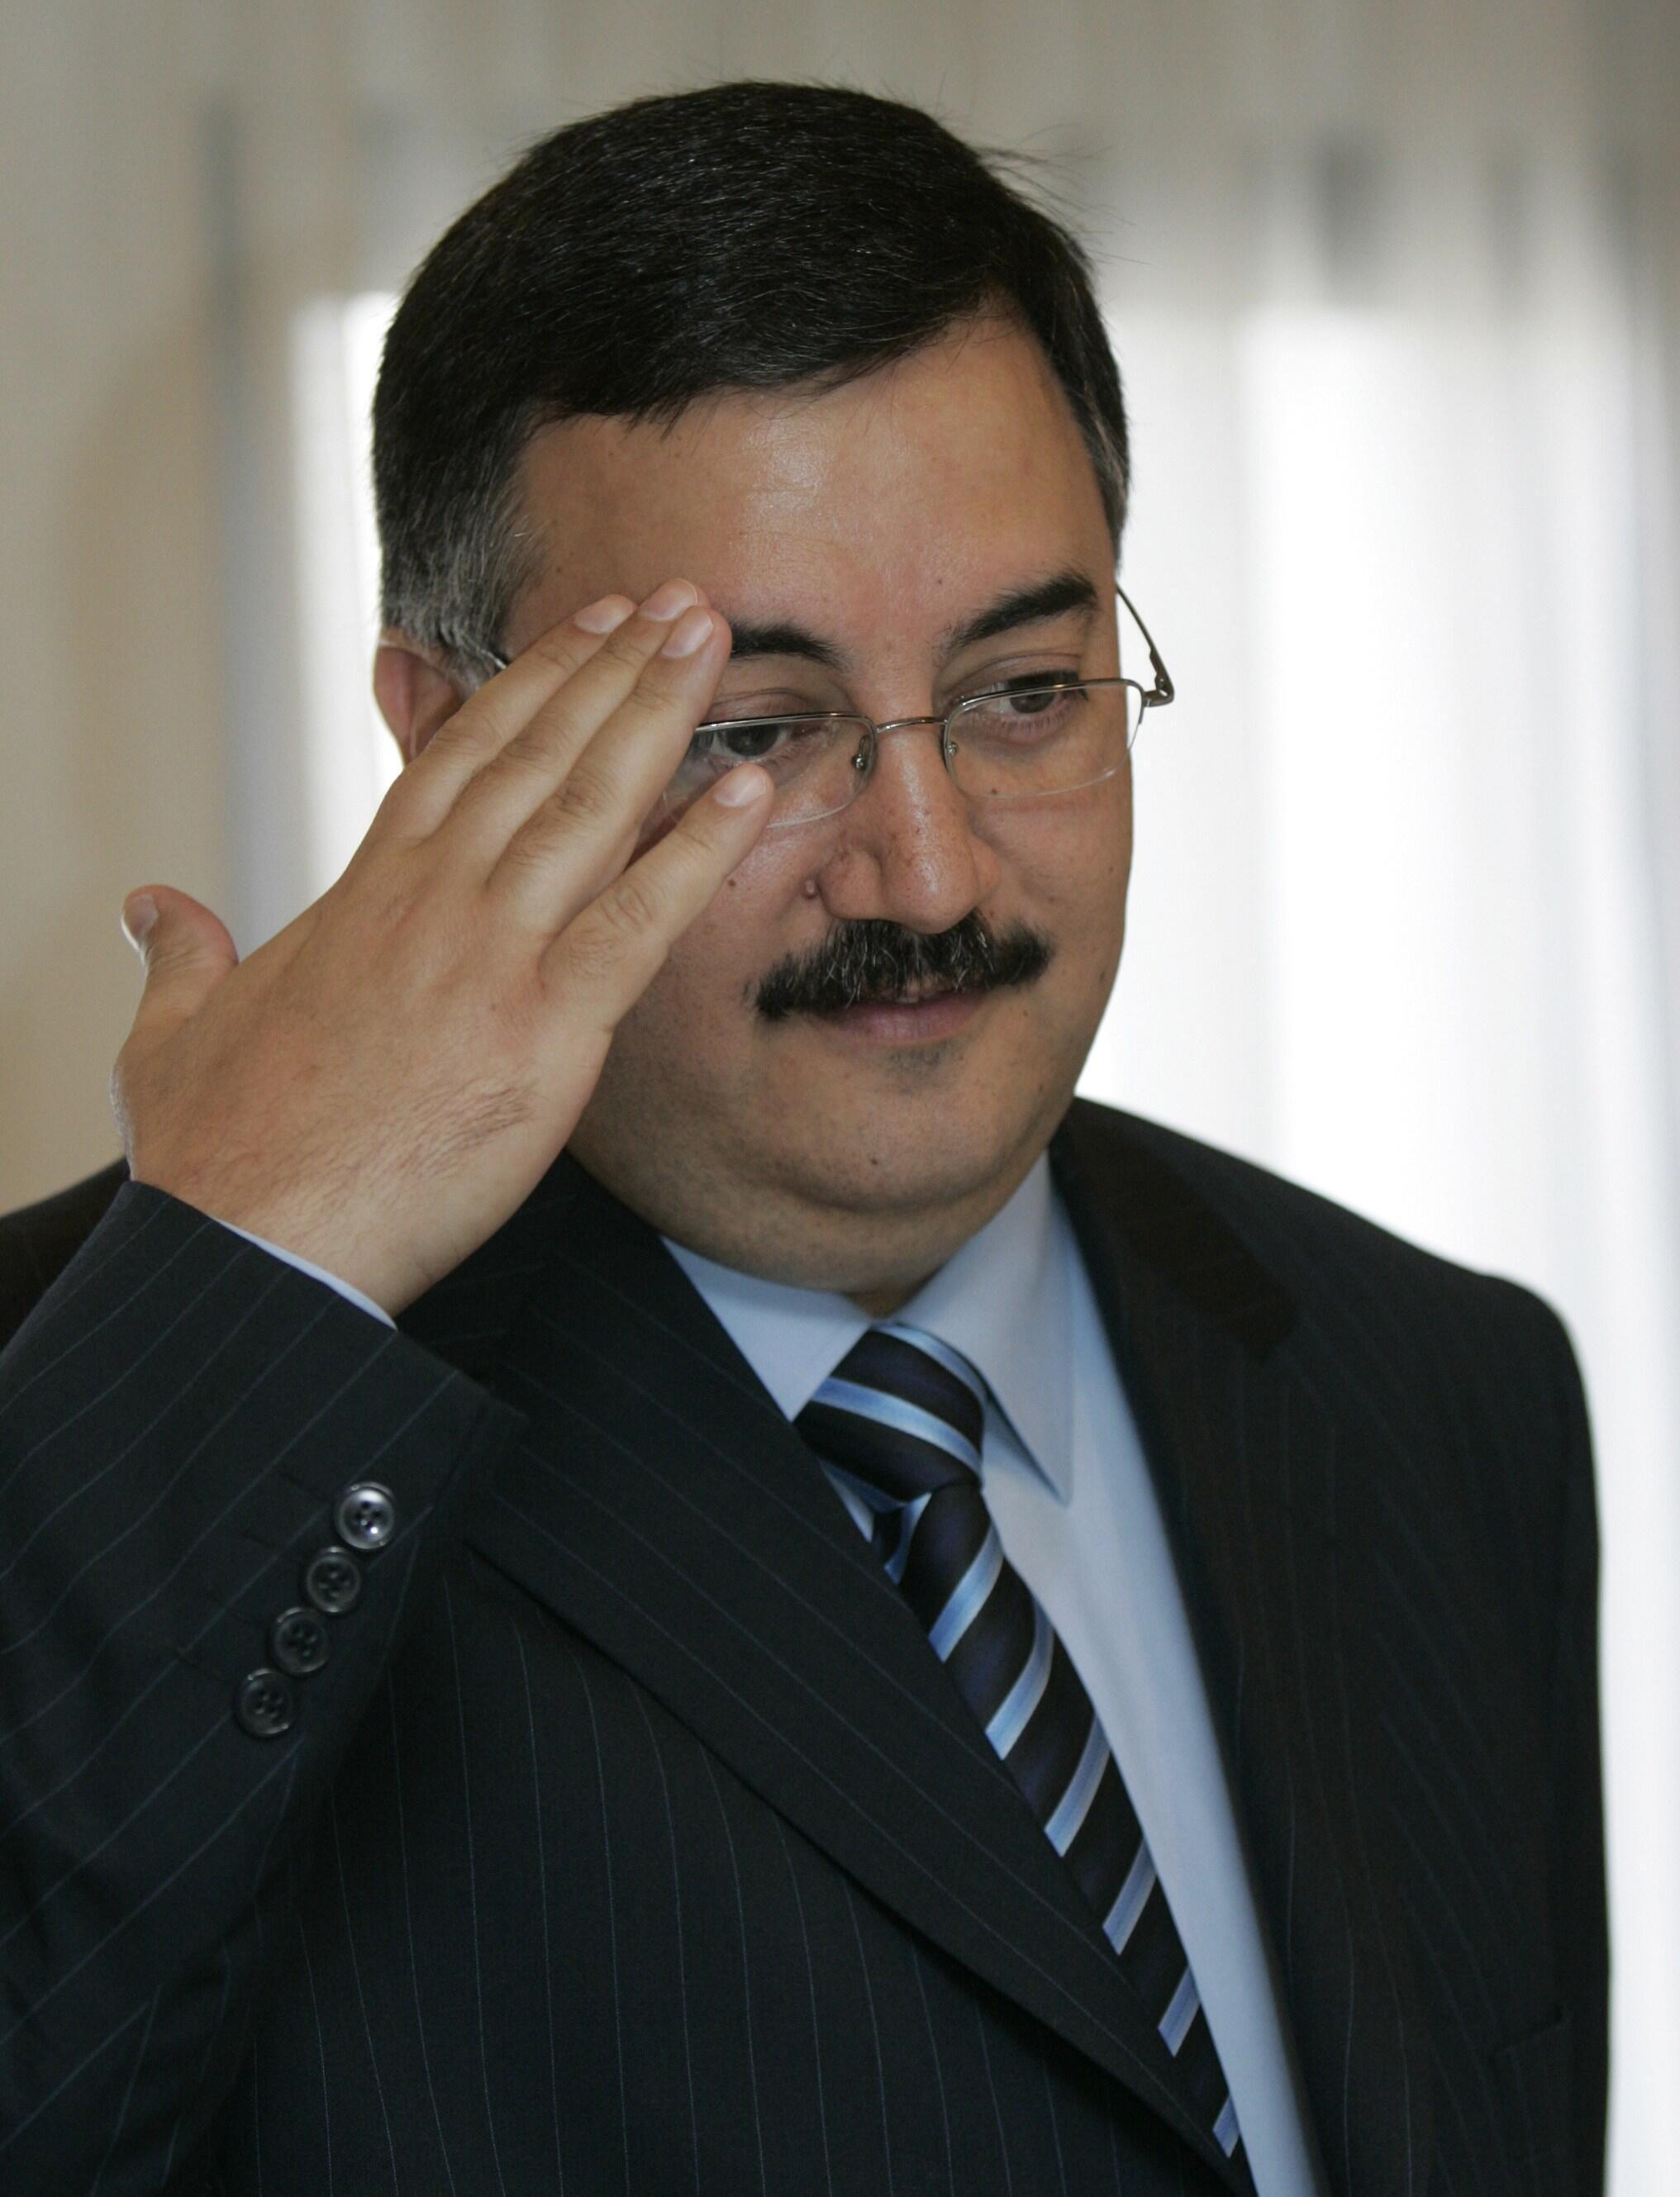 O general Wissam al-Hassan foi assassinado nesta sexta-feira, em Beirute.